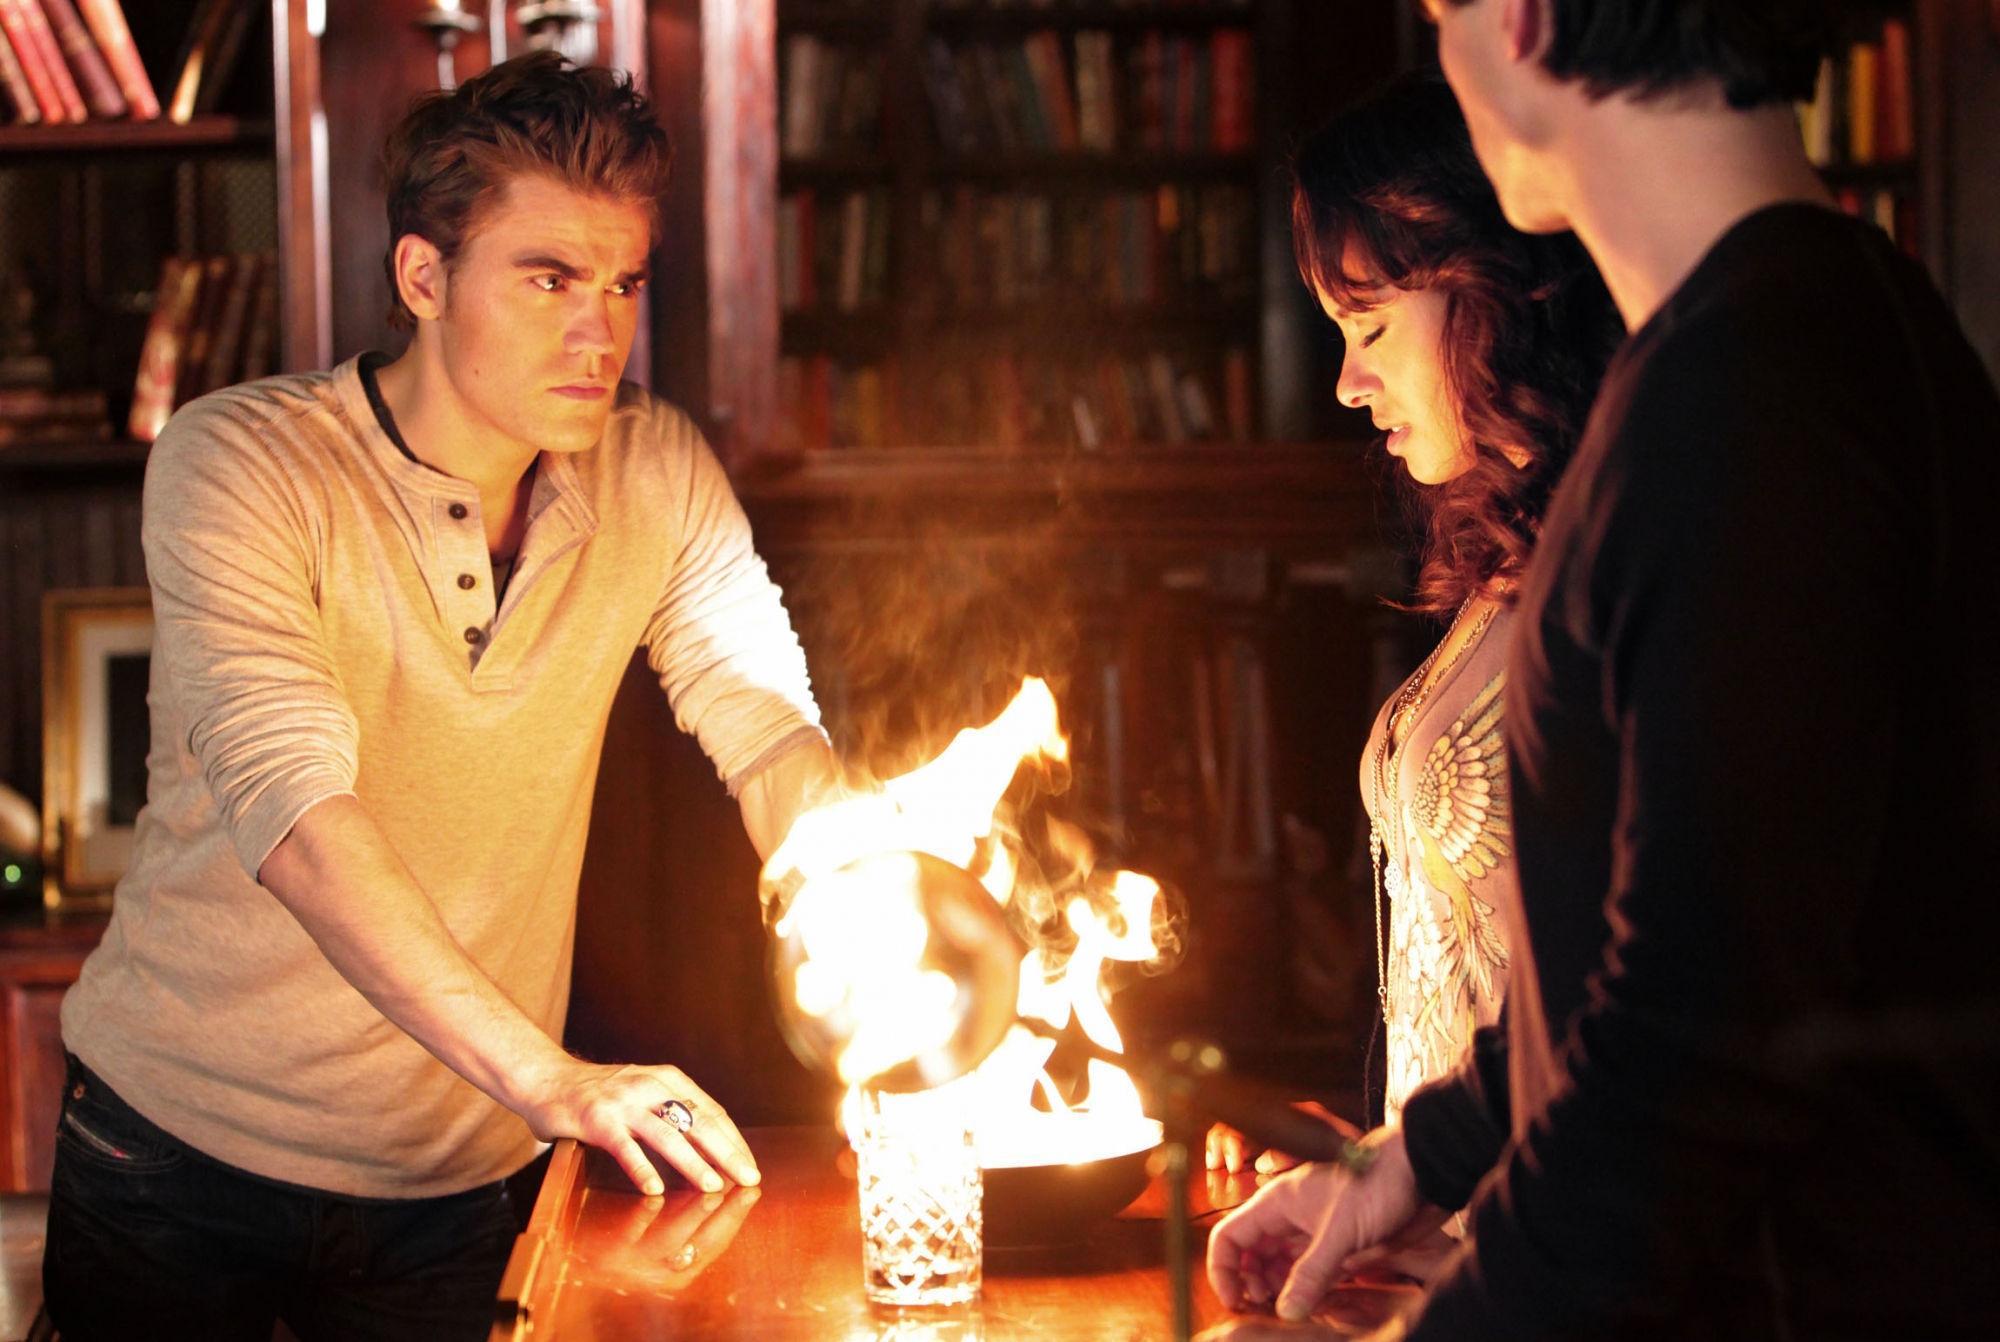 2x10 'The Sacrifice' stills (HQ)